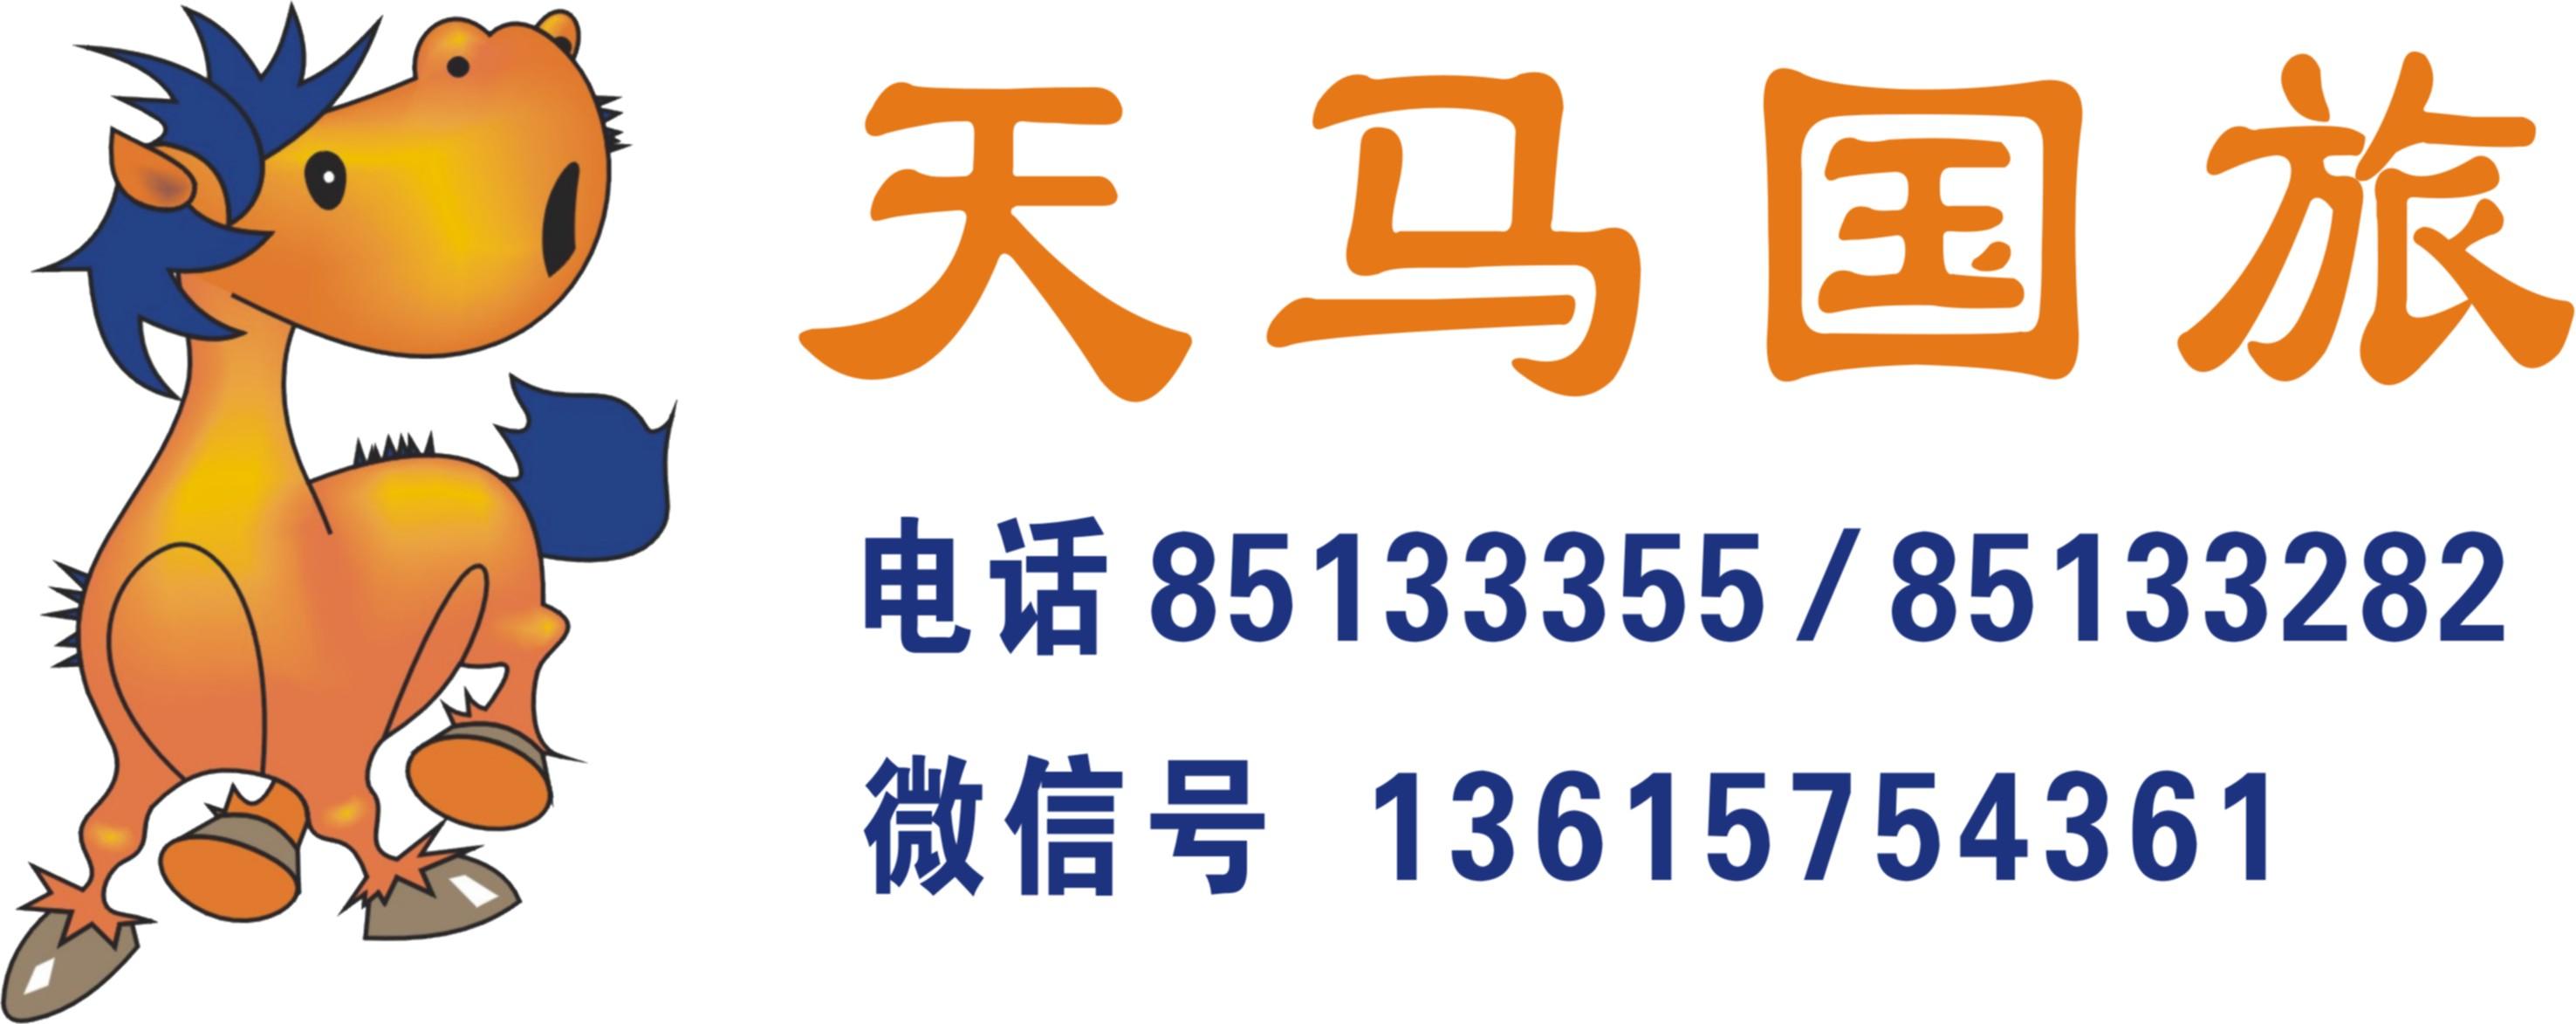 6月【跟着抖音去大理 丽江、大理双飞纯玩5日】环海旅拍